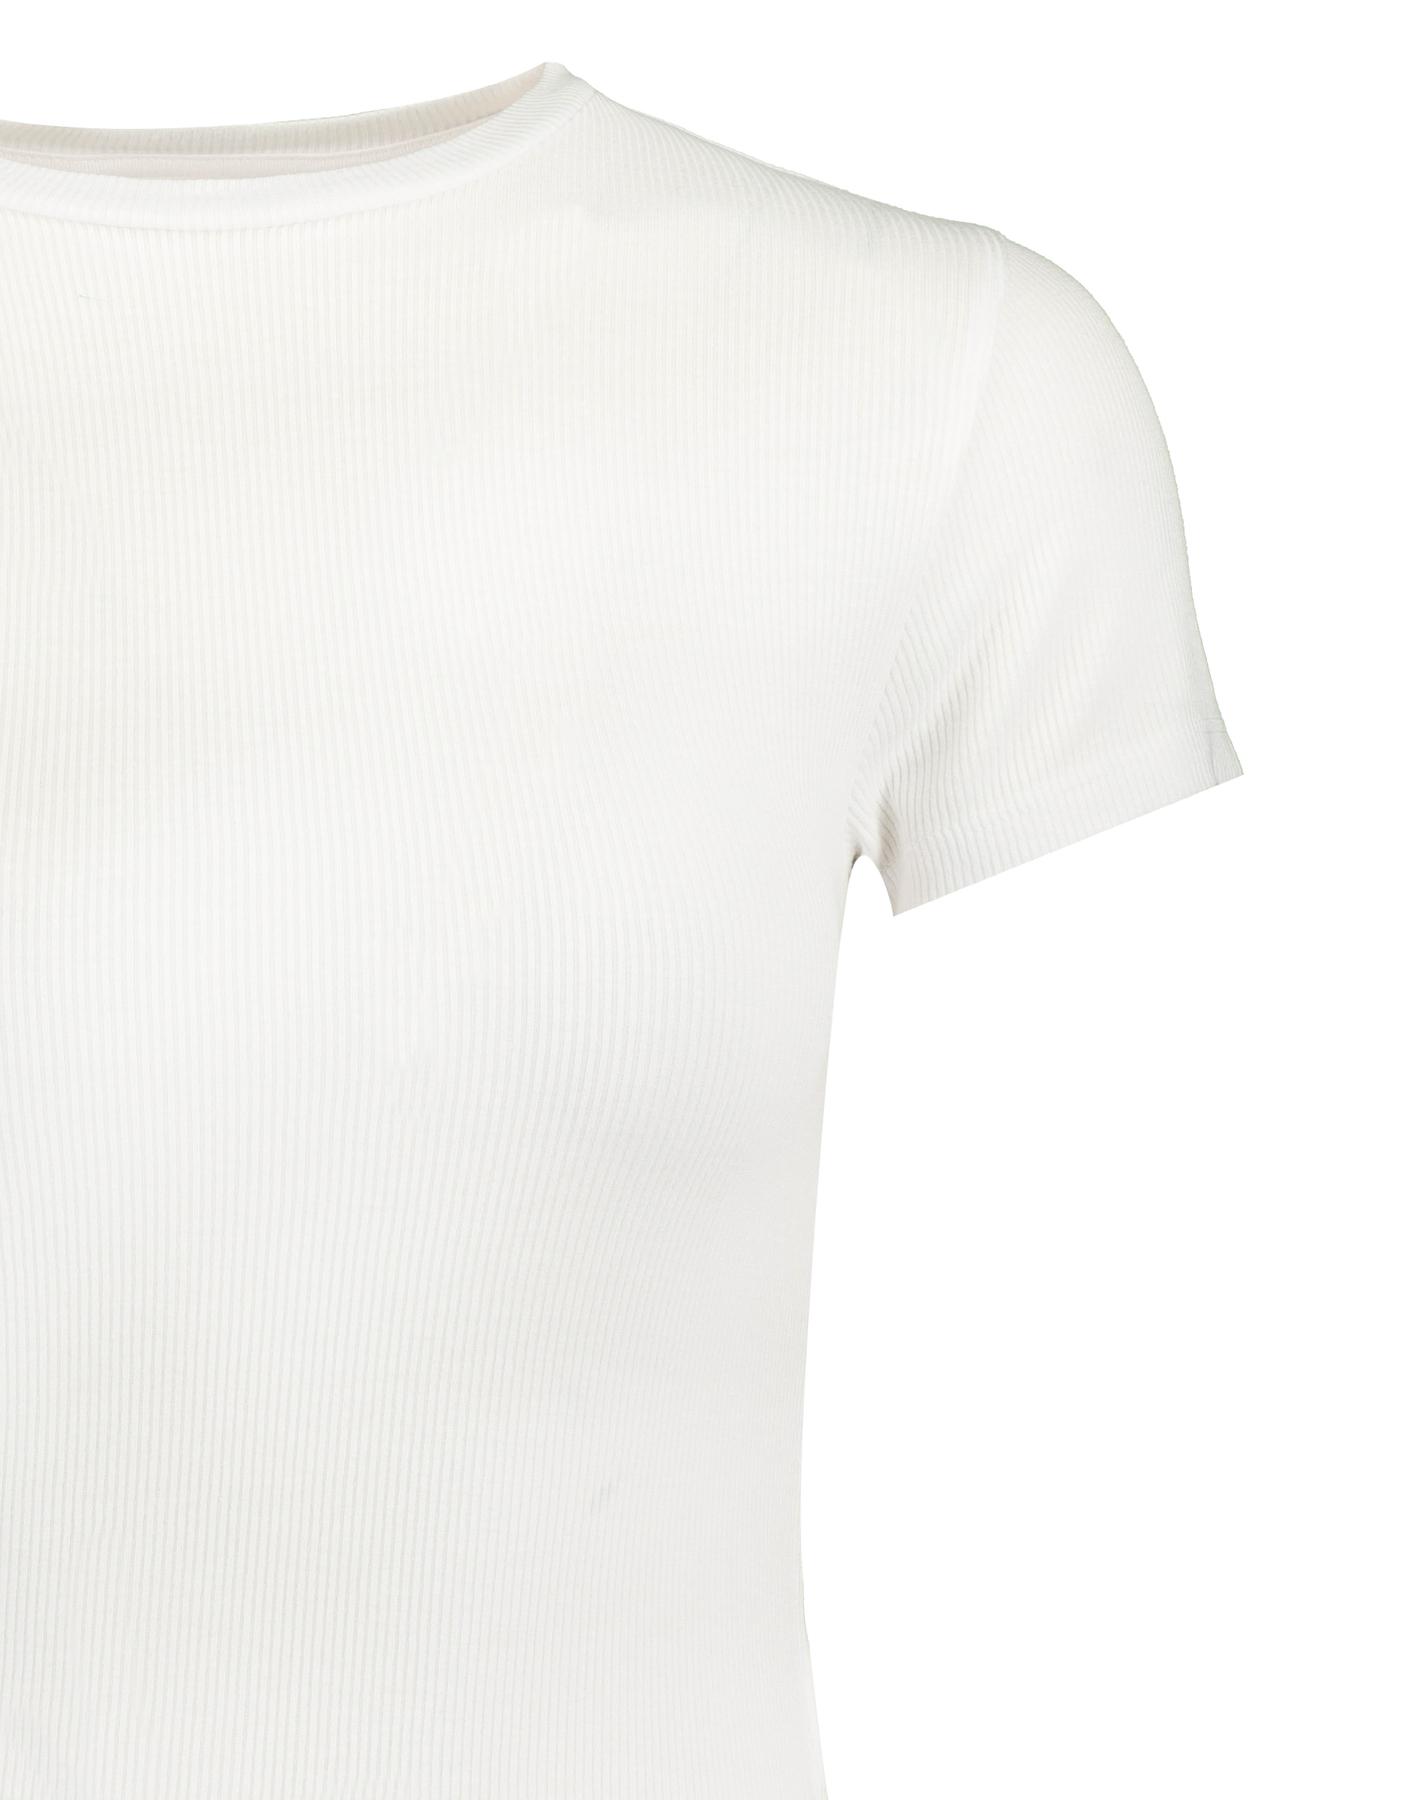 Weißes, geripptes Top